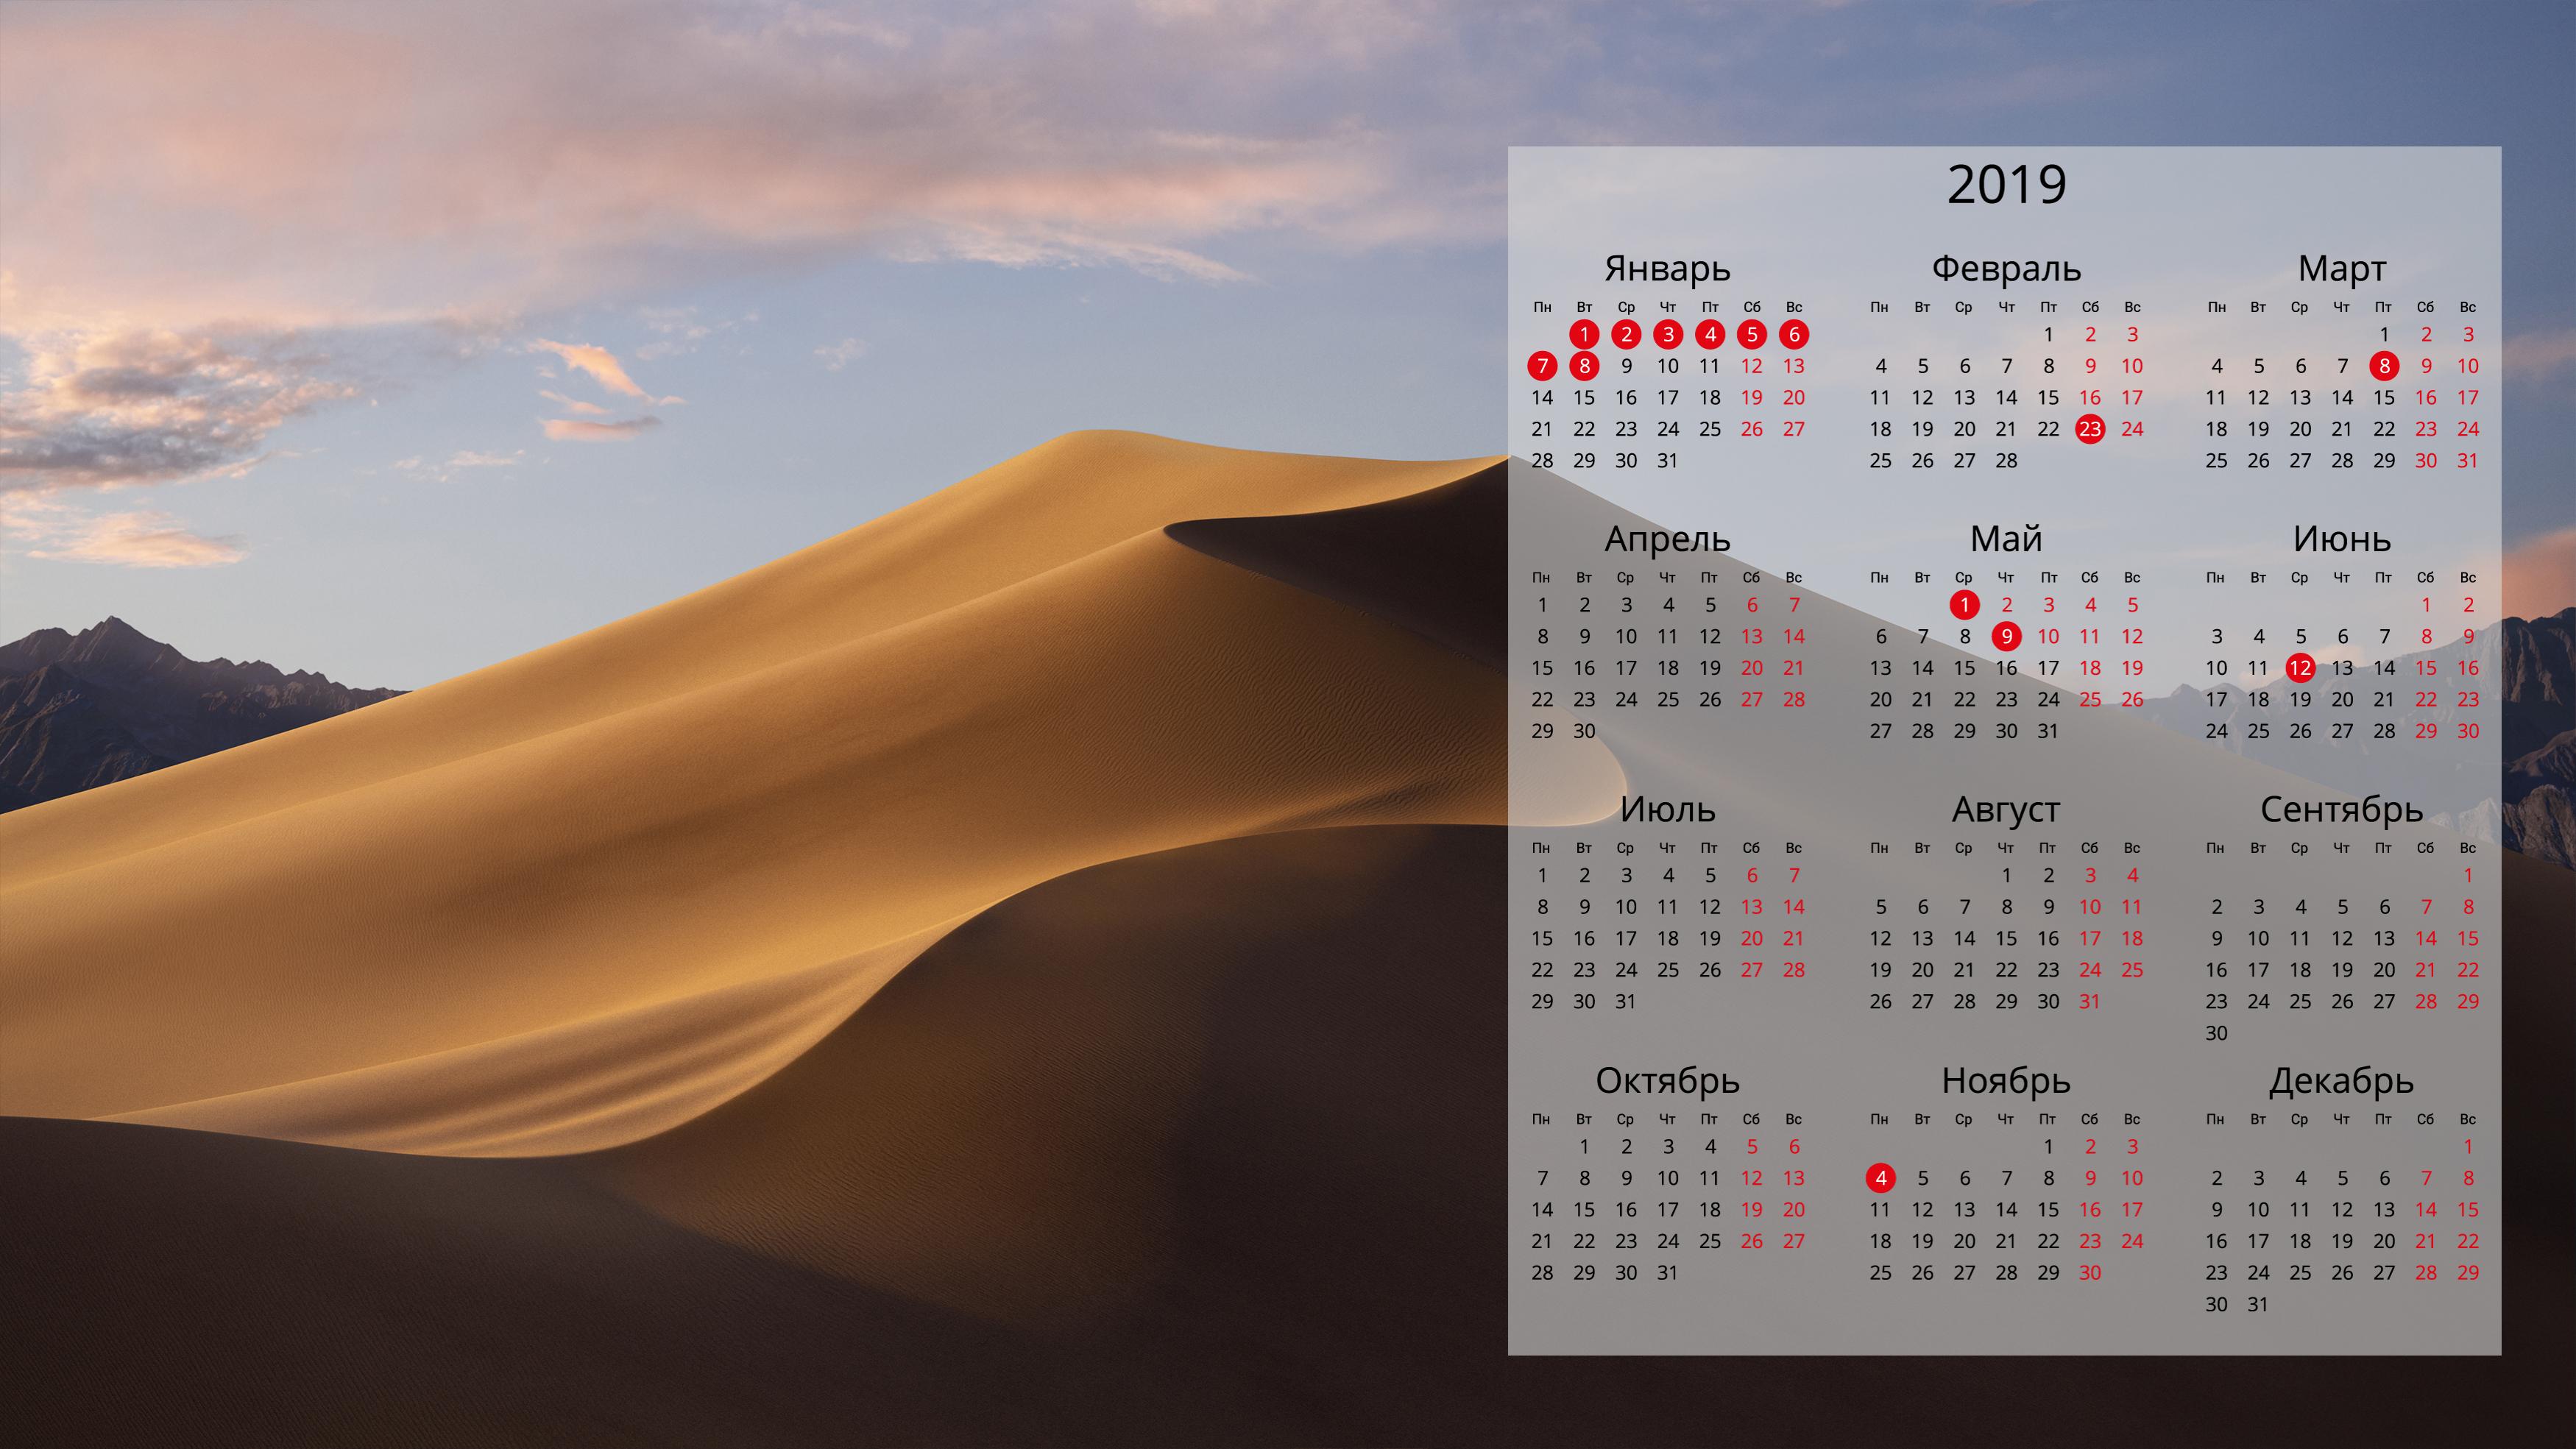 них, можно картинки для рабочего стола с календарем придадут материалы